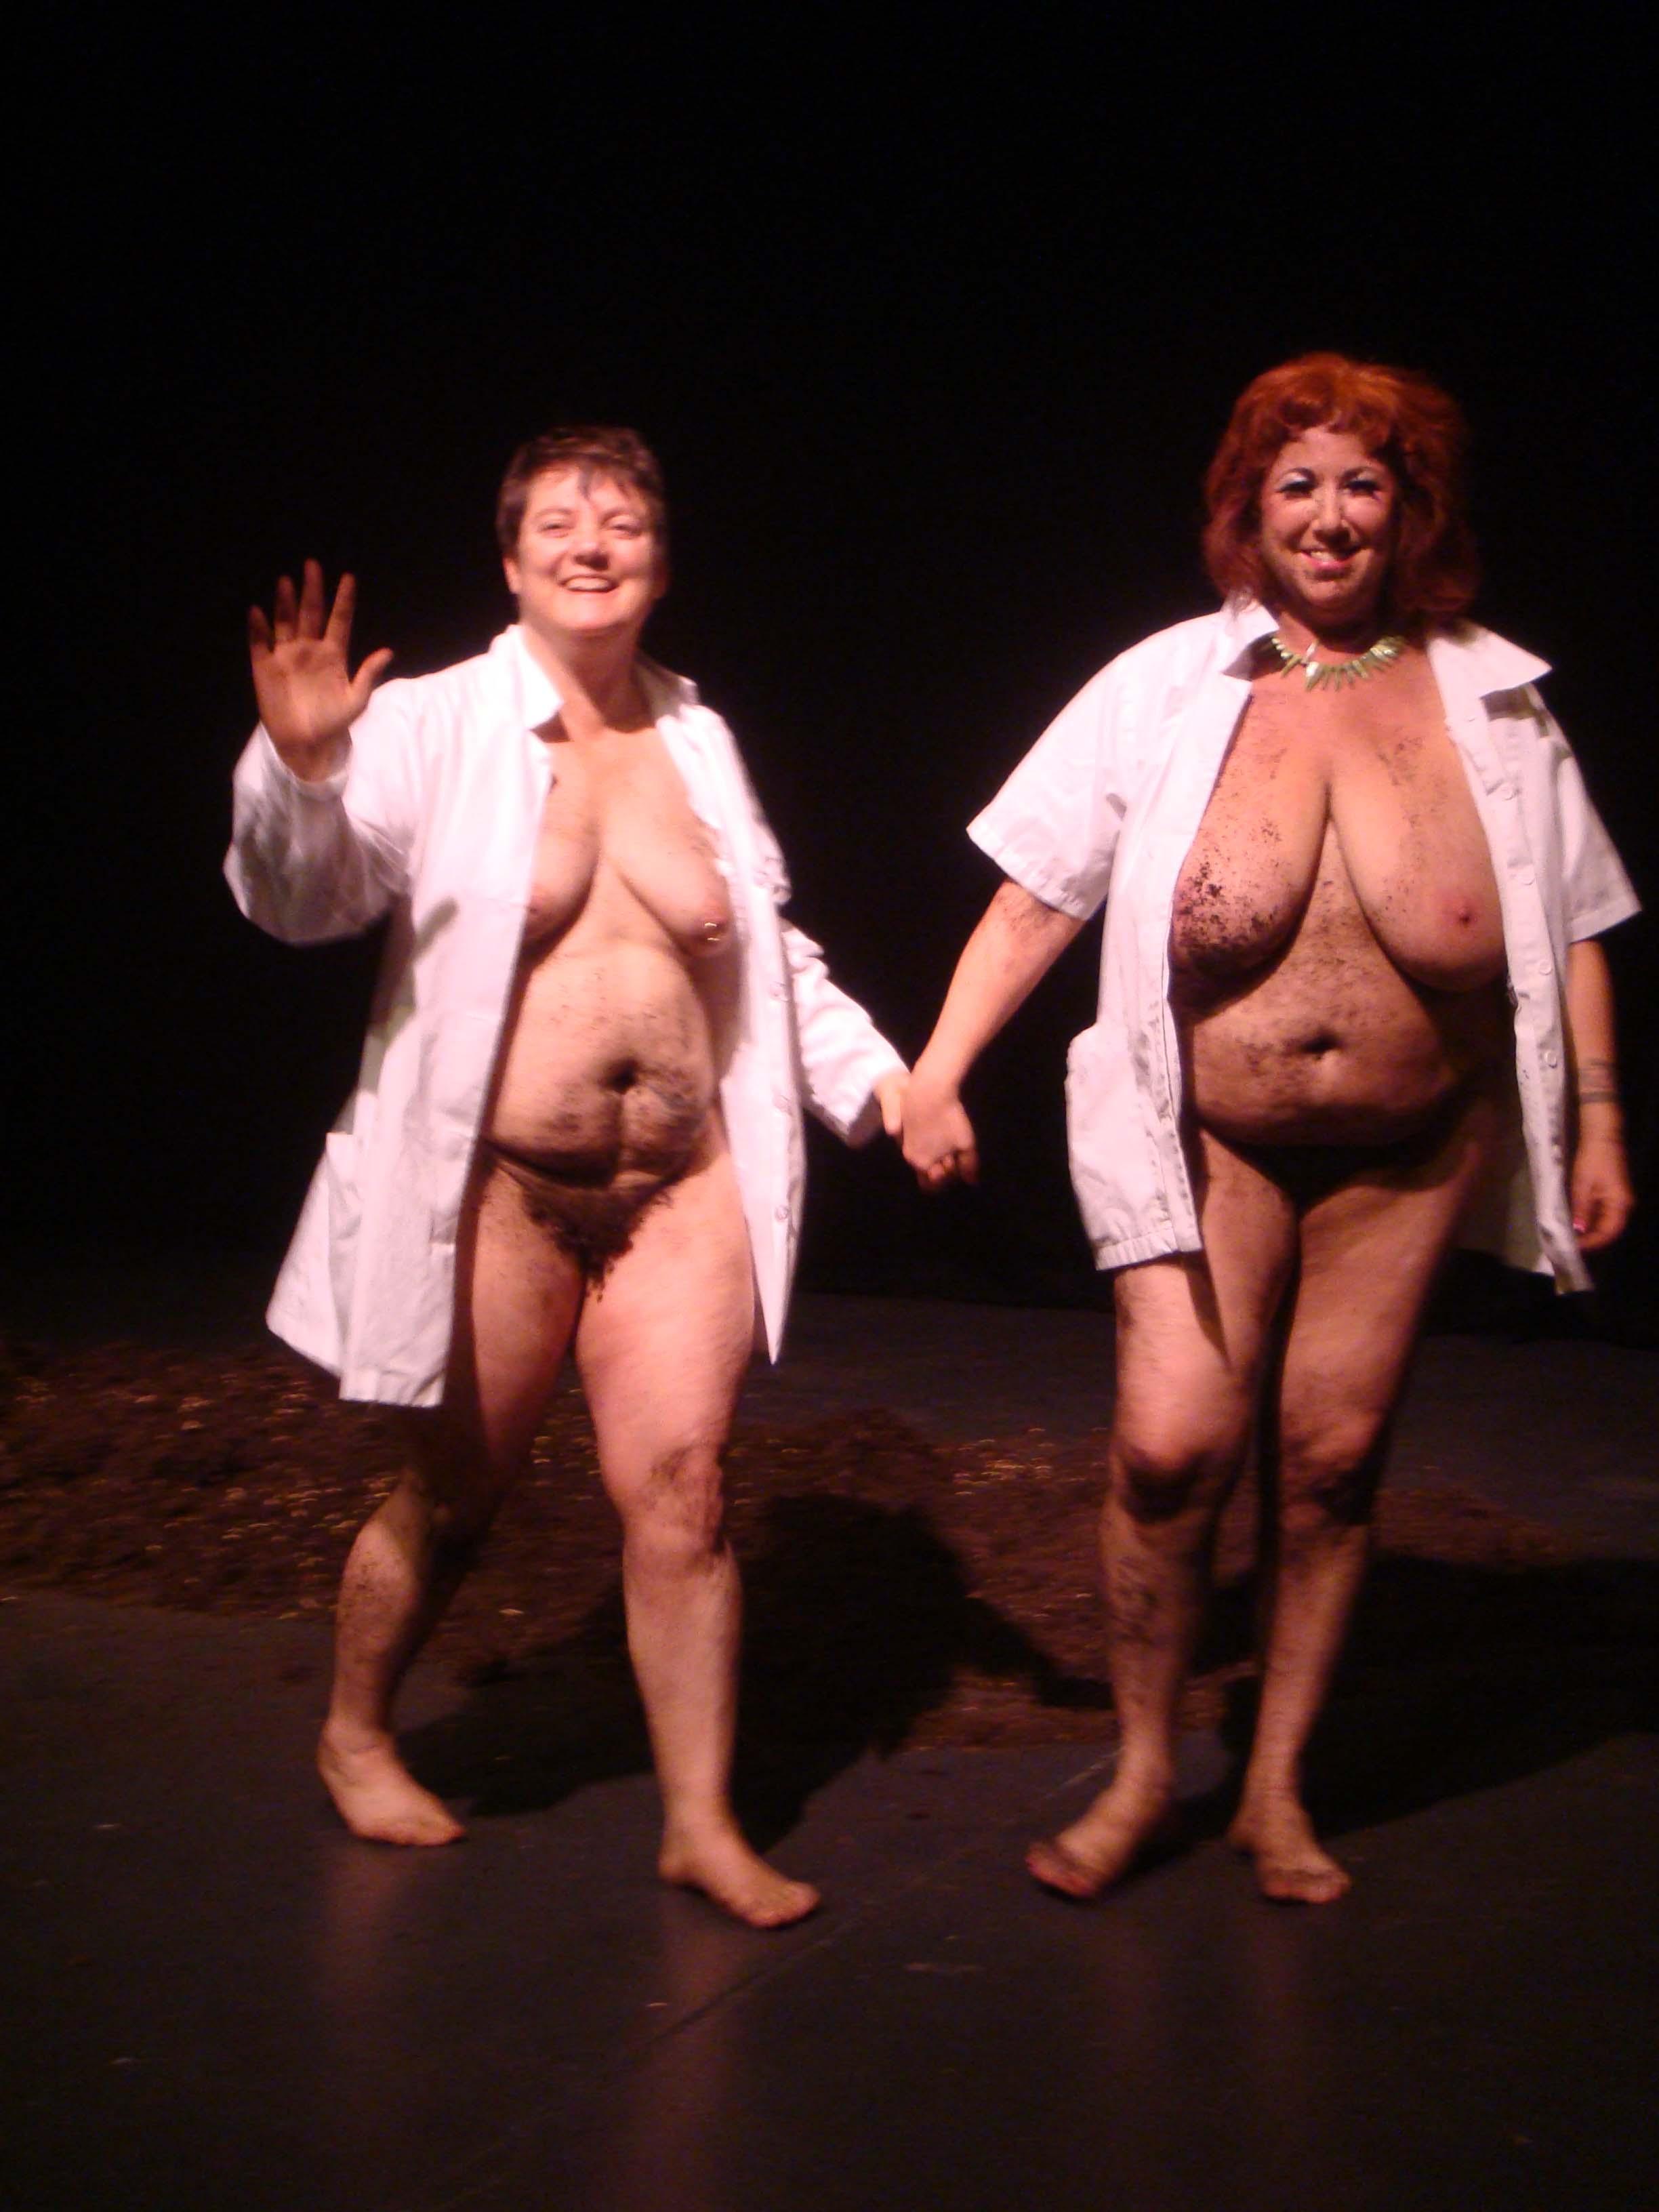 slide shows naked girls